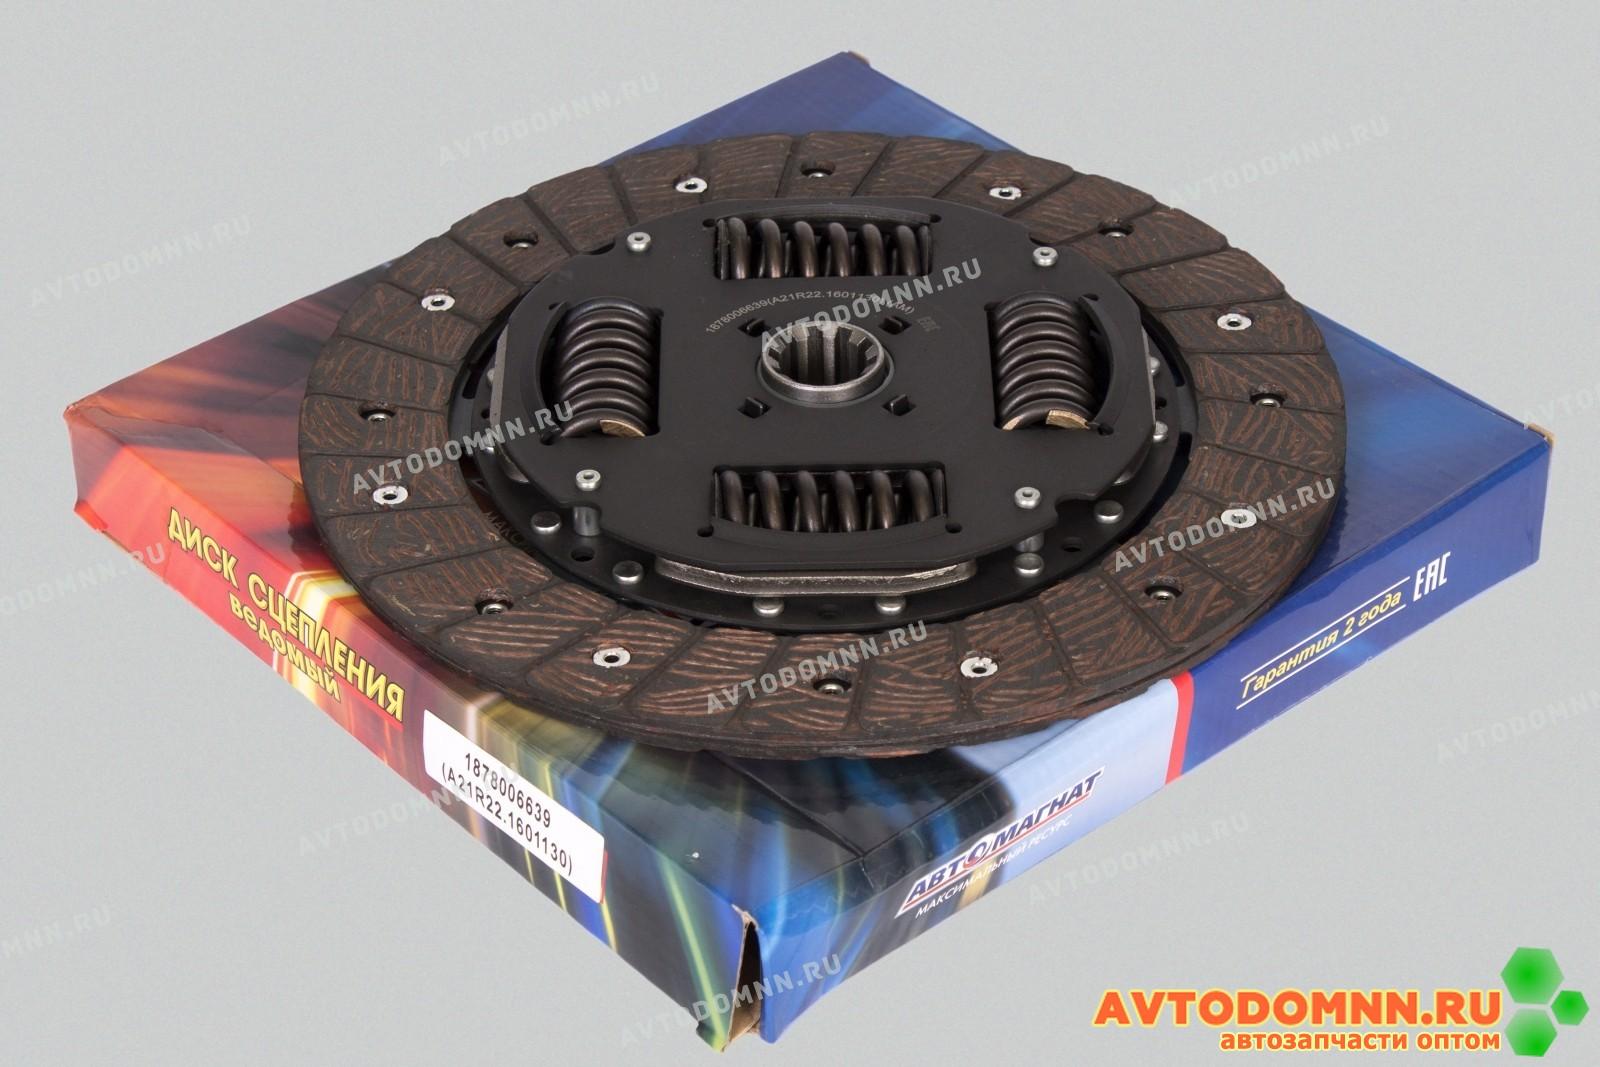 А21R22.1601130 диск сцепления ведомый ГАЗель Next 280VTB дв.CUMMINS ISF 2.8 ЕВРО-4 КПП н/о (КПП-330 Н-м) (аналог ZF)